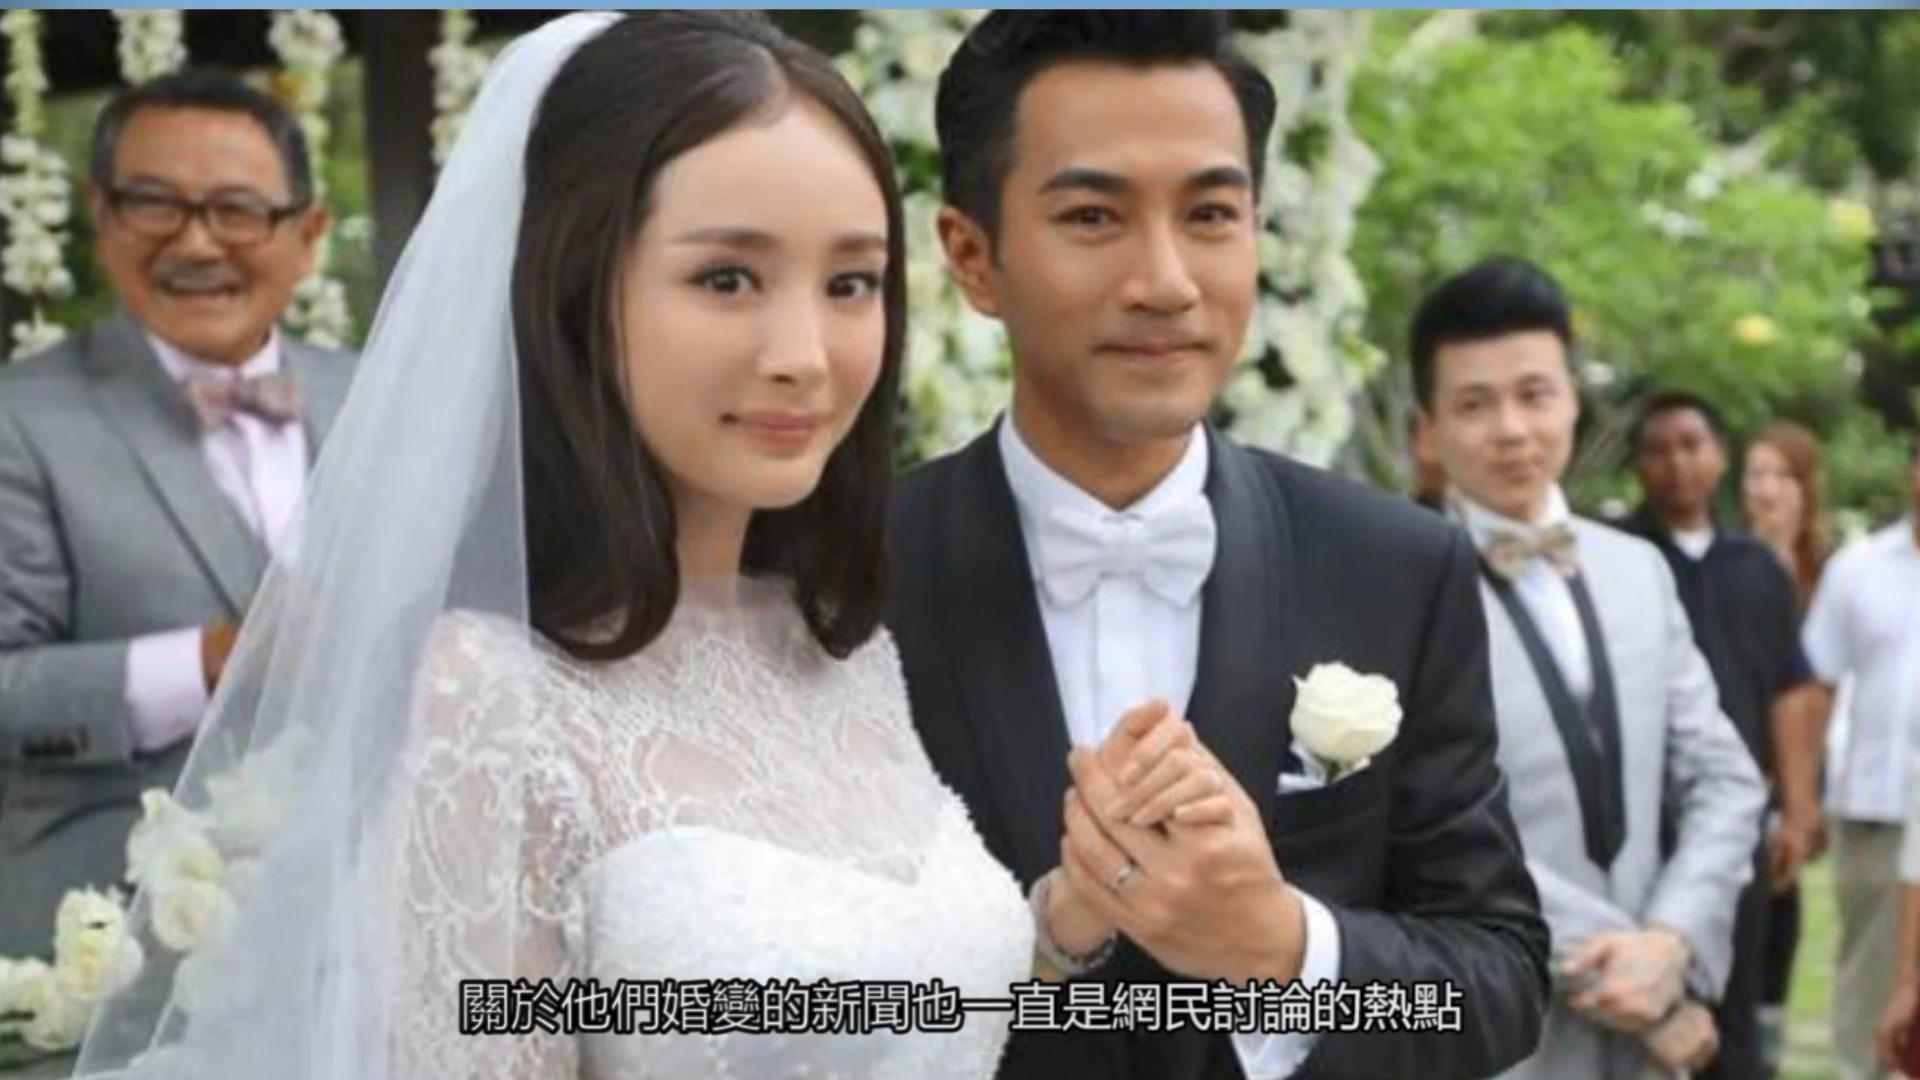 劉愷威楊冪離婚後狀況如何 劉愷威父親劉丹這樣說